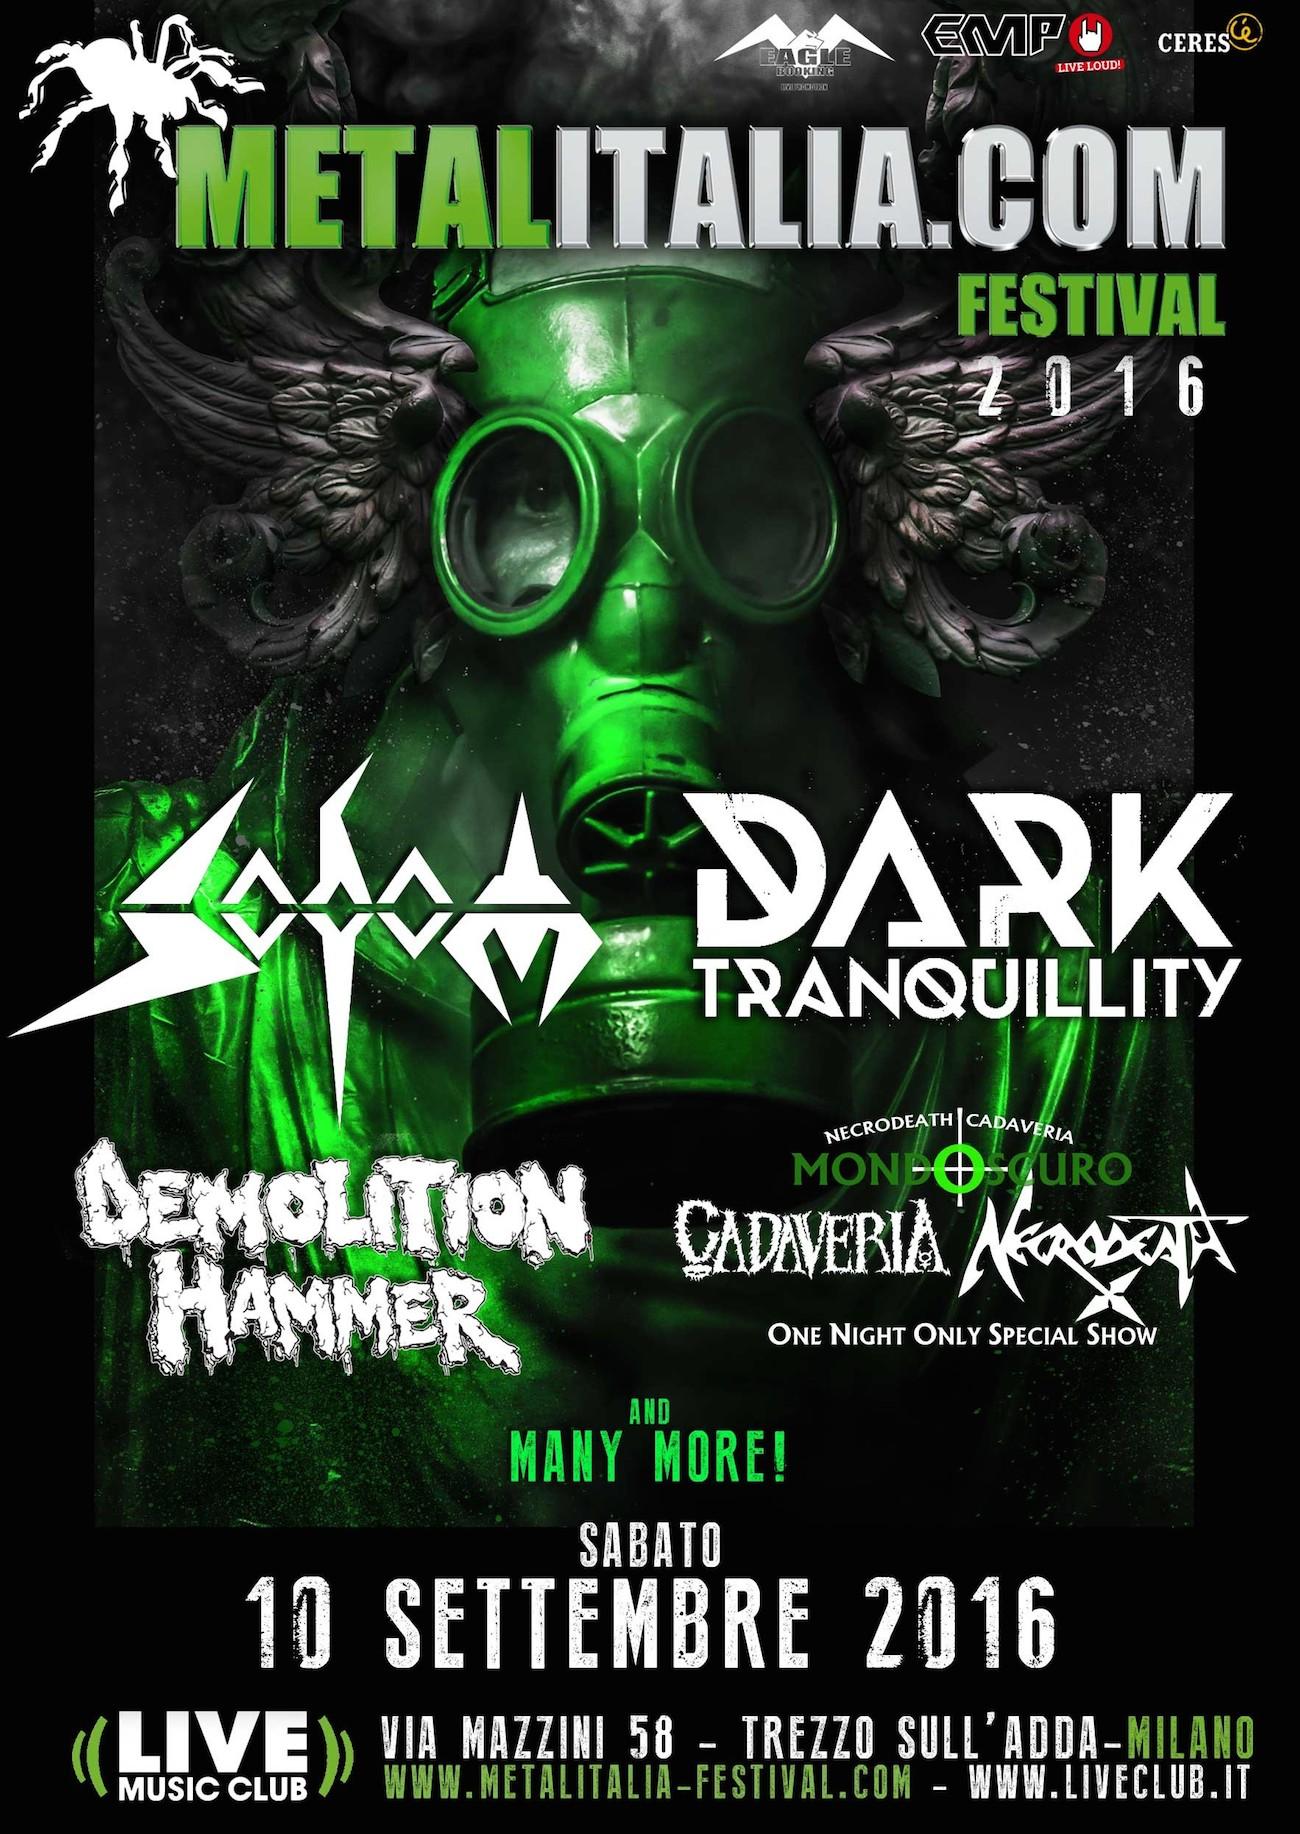 metalitalia festival 2016 - aggiornamento